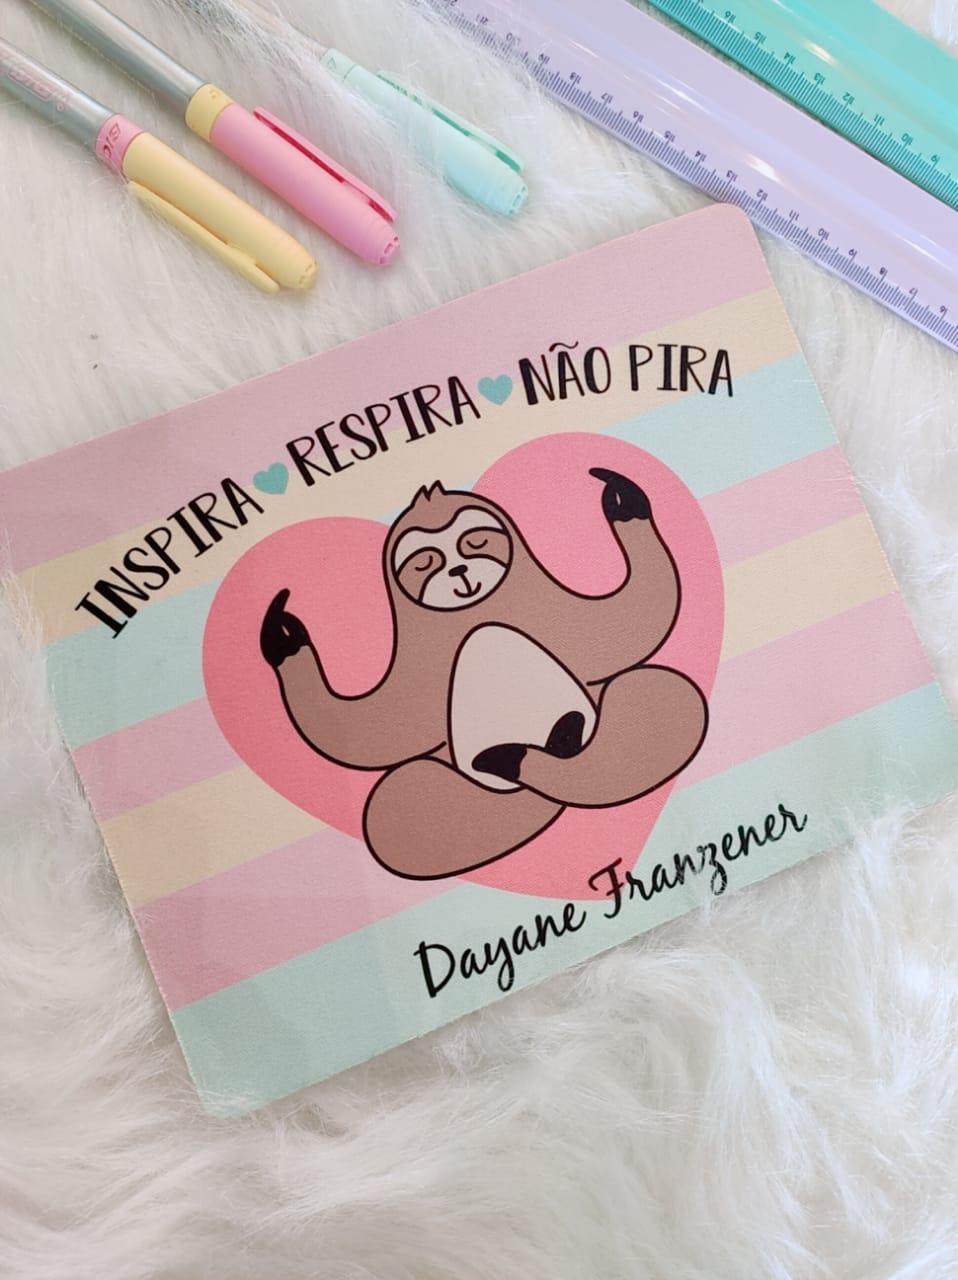 Mouse Pad Ispira - Respira - Não Pira Personalizado com Seu Nome